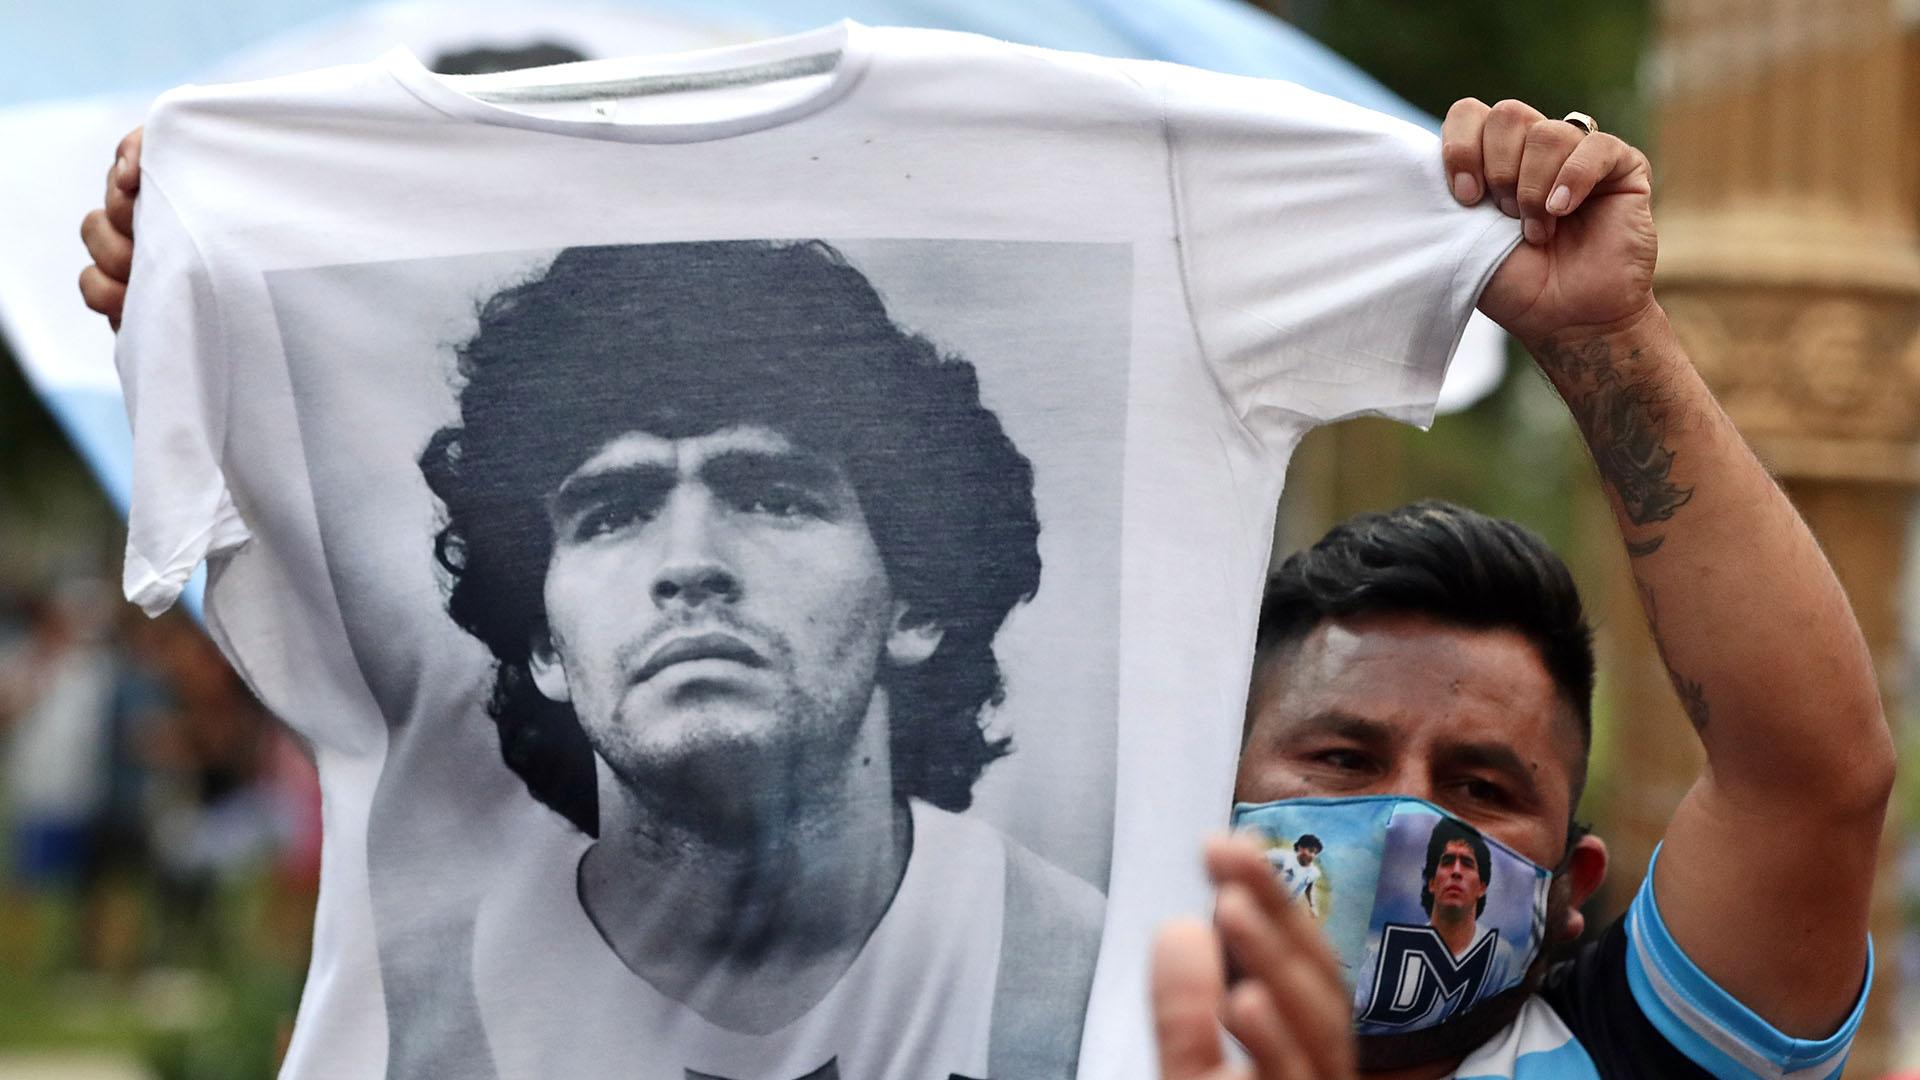 Otros fanáticos llevaron sus ofrendas y recuerdos personas para despedir al ídolo